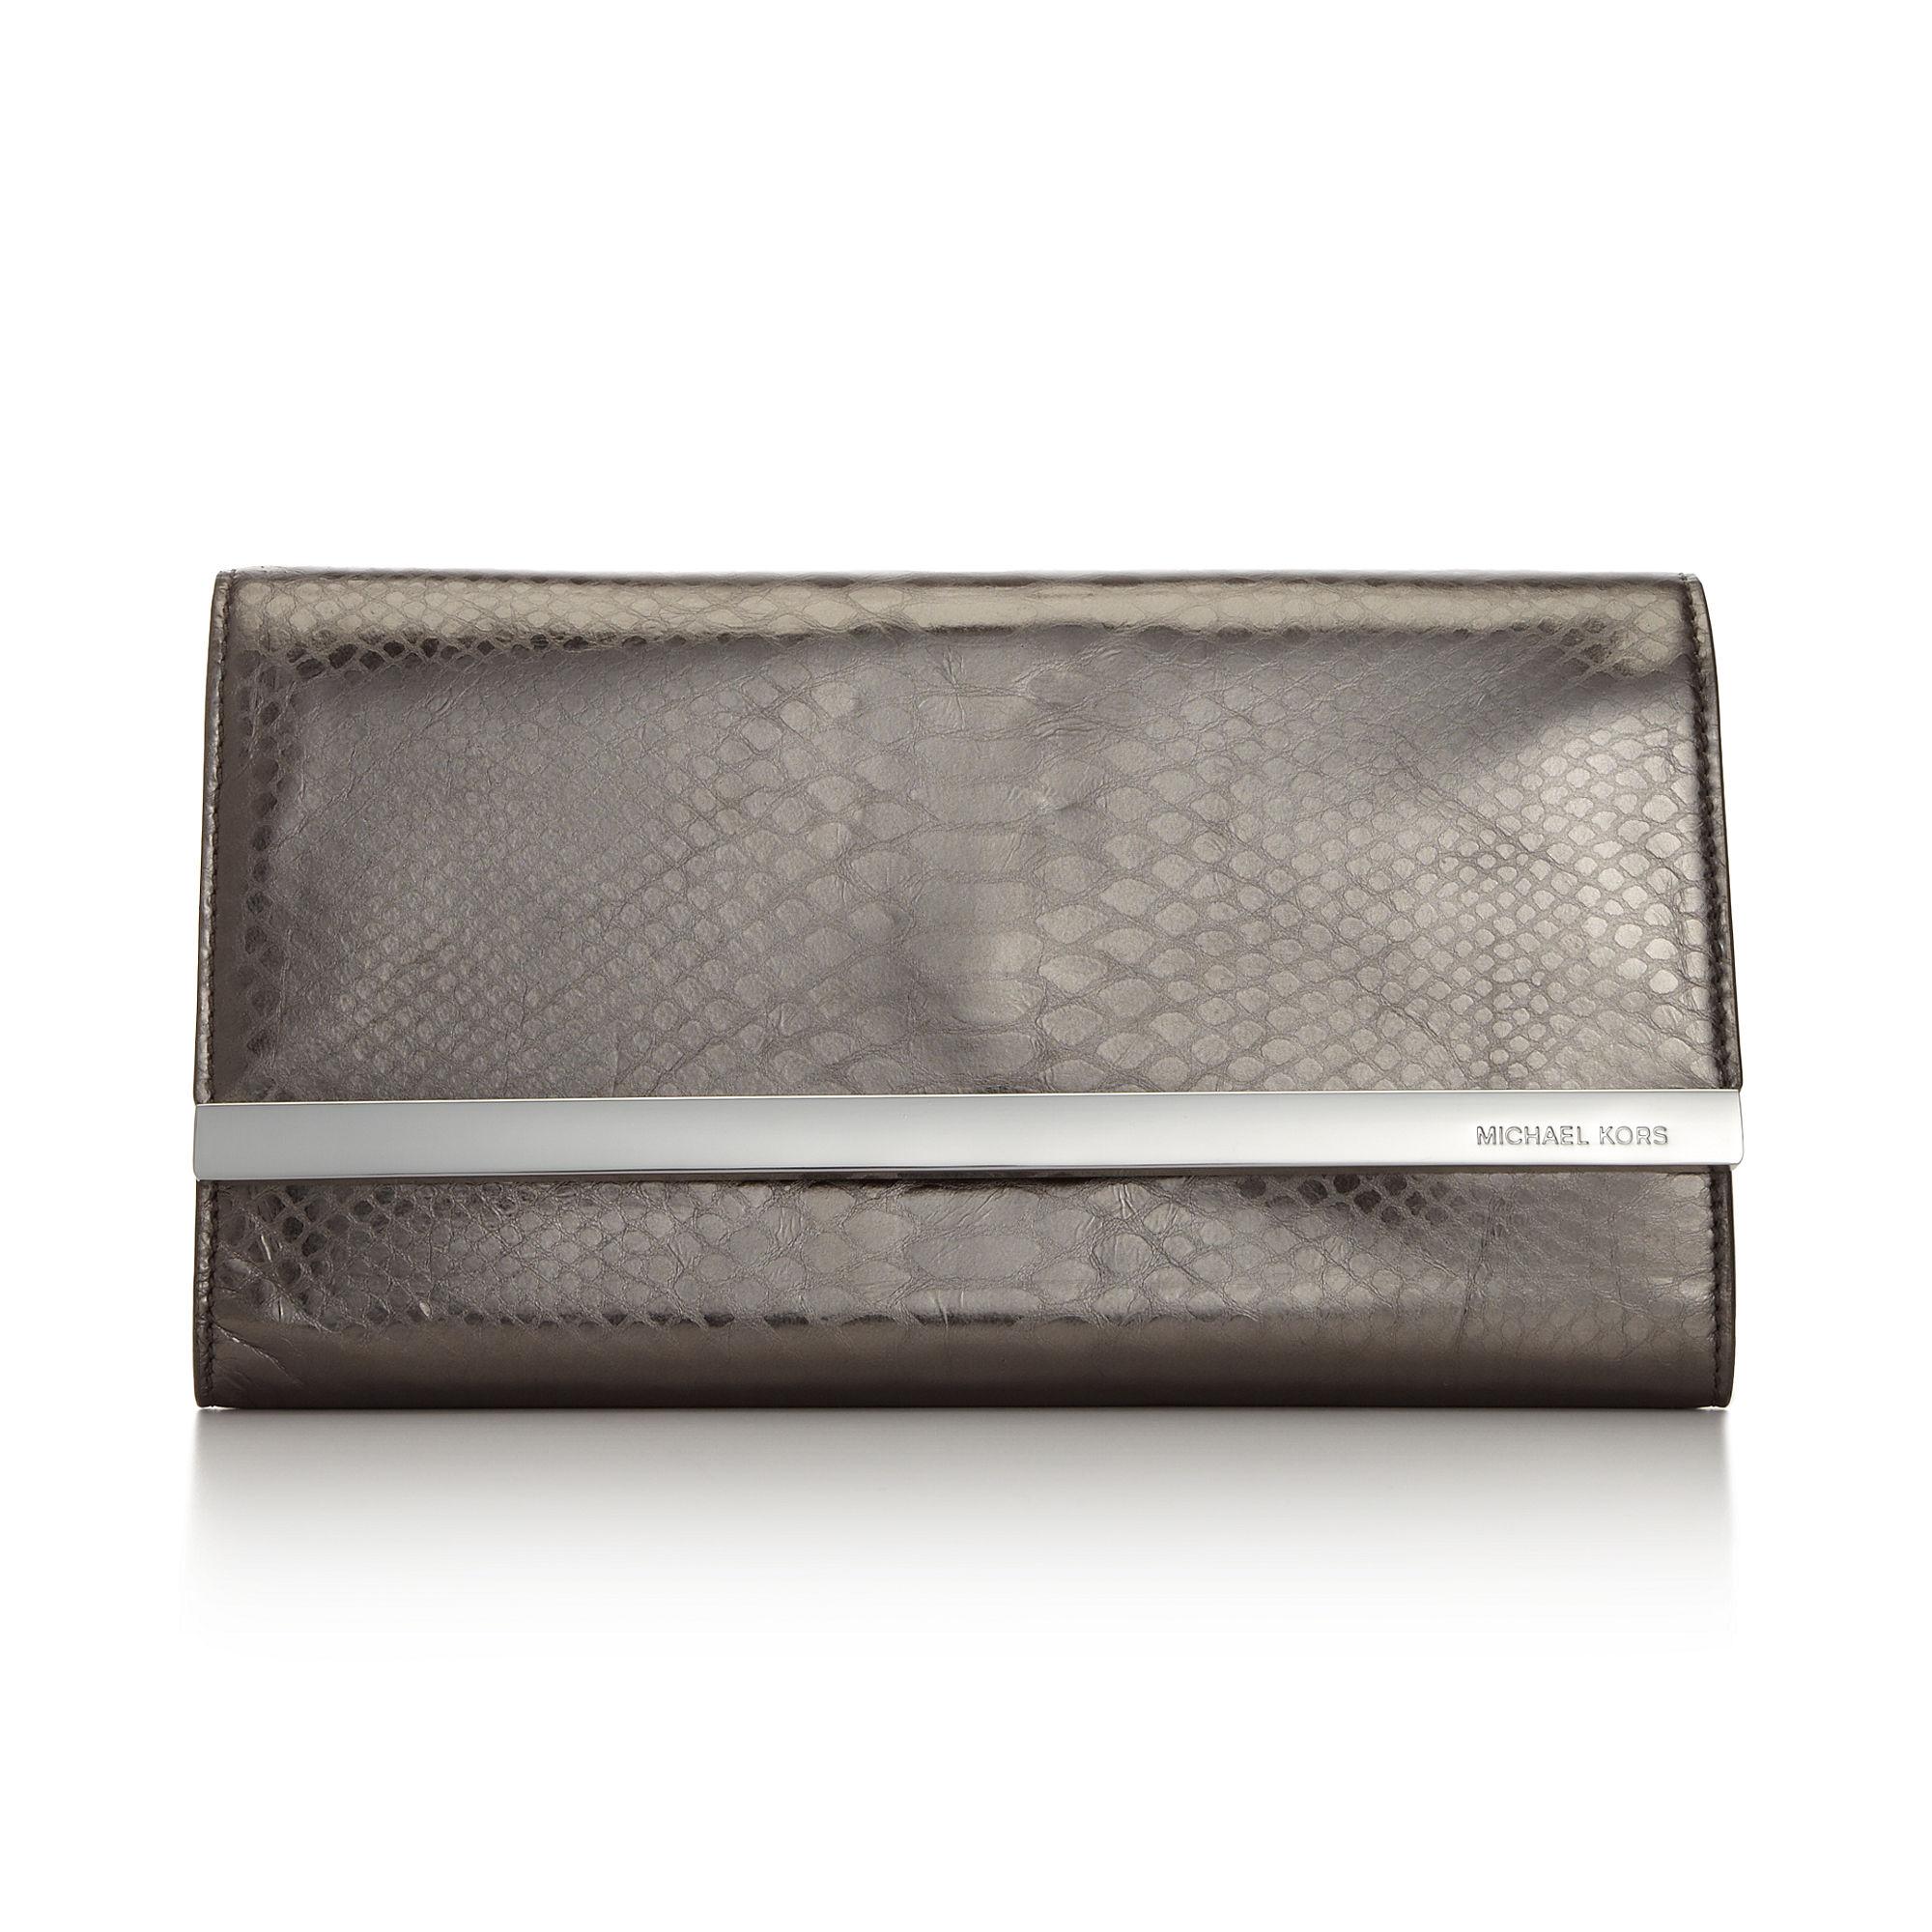 michael kors tilda clutch in silver gunmetal python lyst. Black Bedroom Furniture Sets. Home Design Ideas